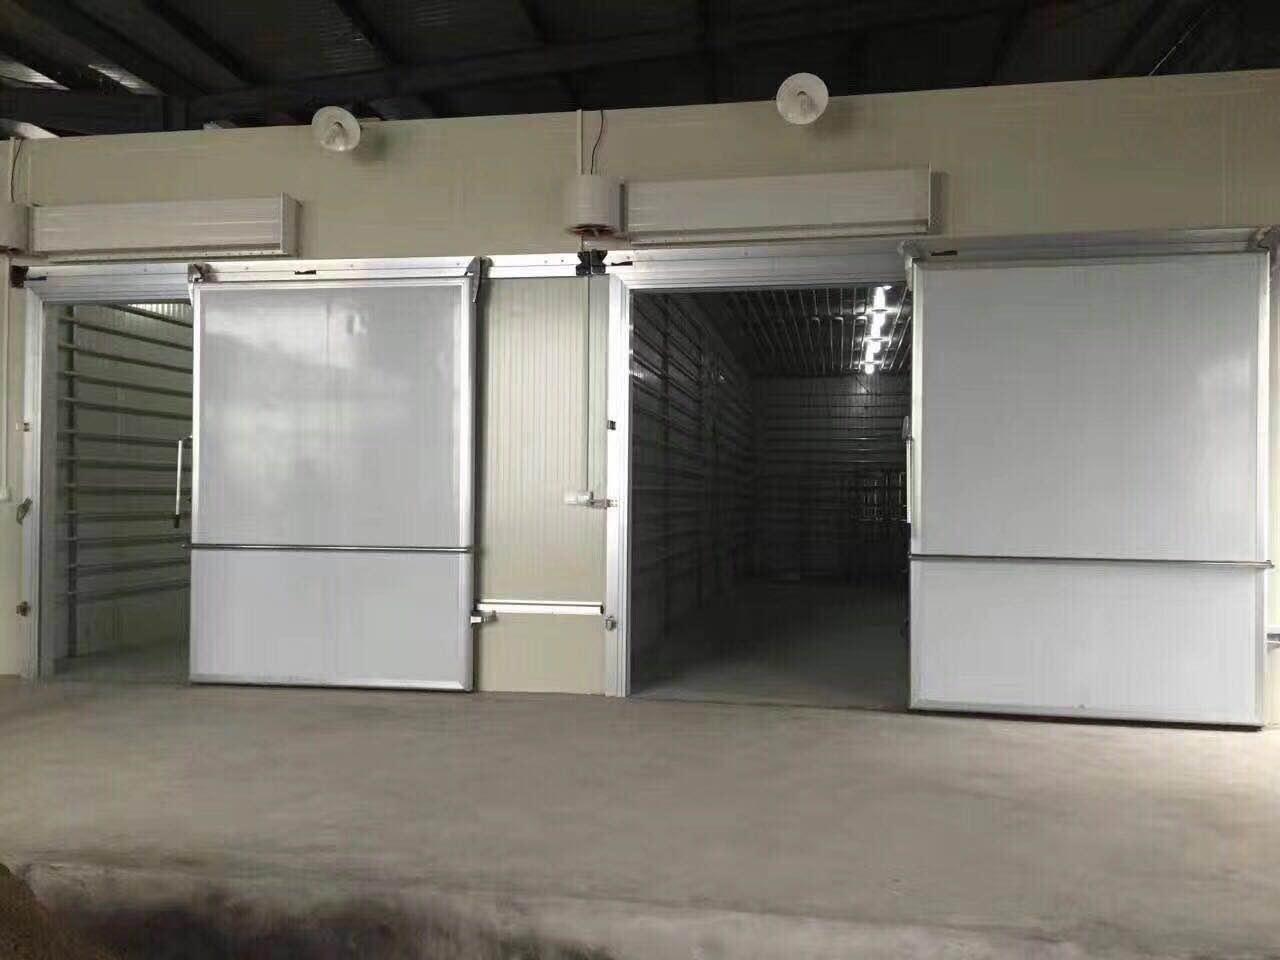 广州哪里有供应优惠的蔬菜保鲜冷库 蔬菜保鲜冷库怎么样